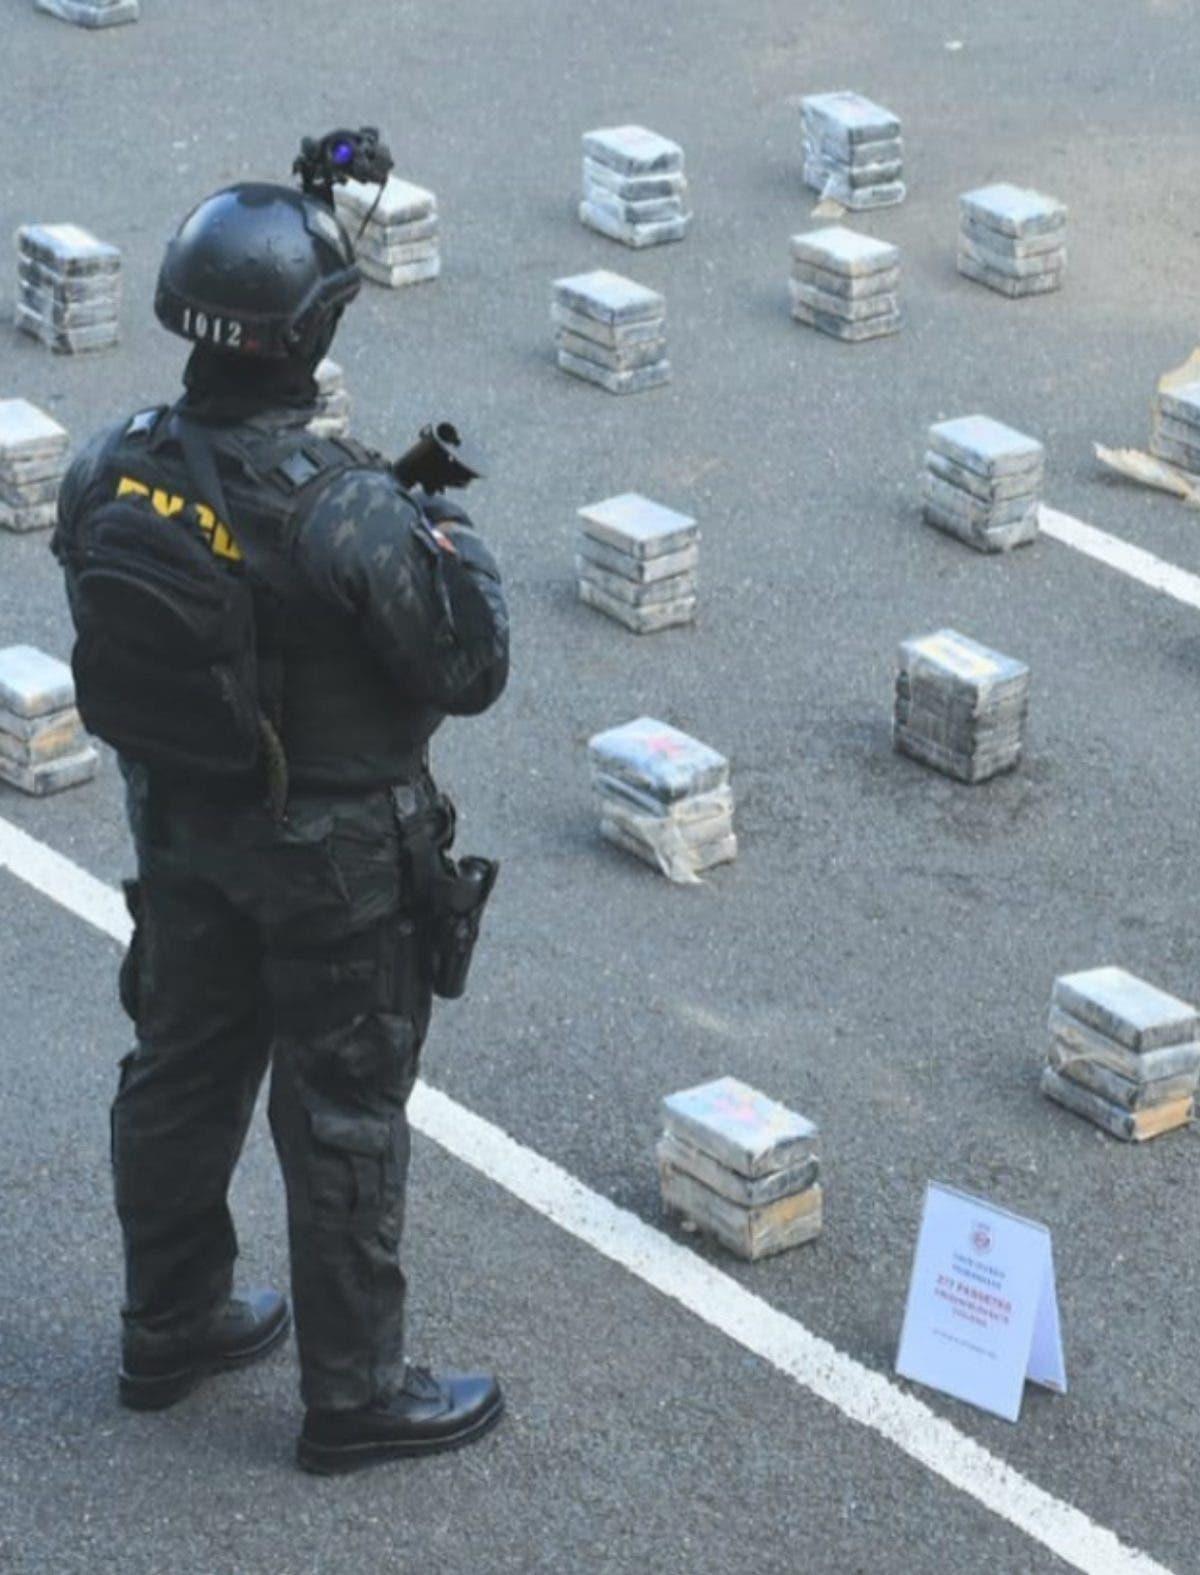 DNCD dice ocuparon 277 paquetes de cocaína en nave cayó en Oviedo